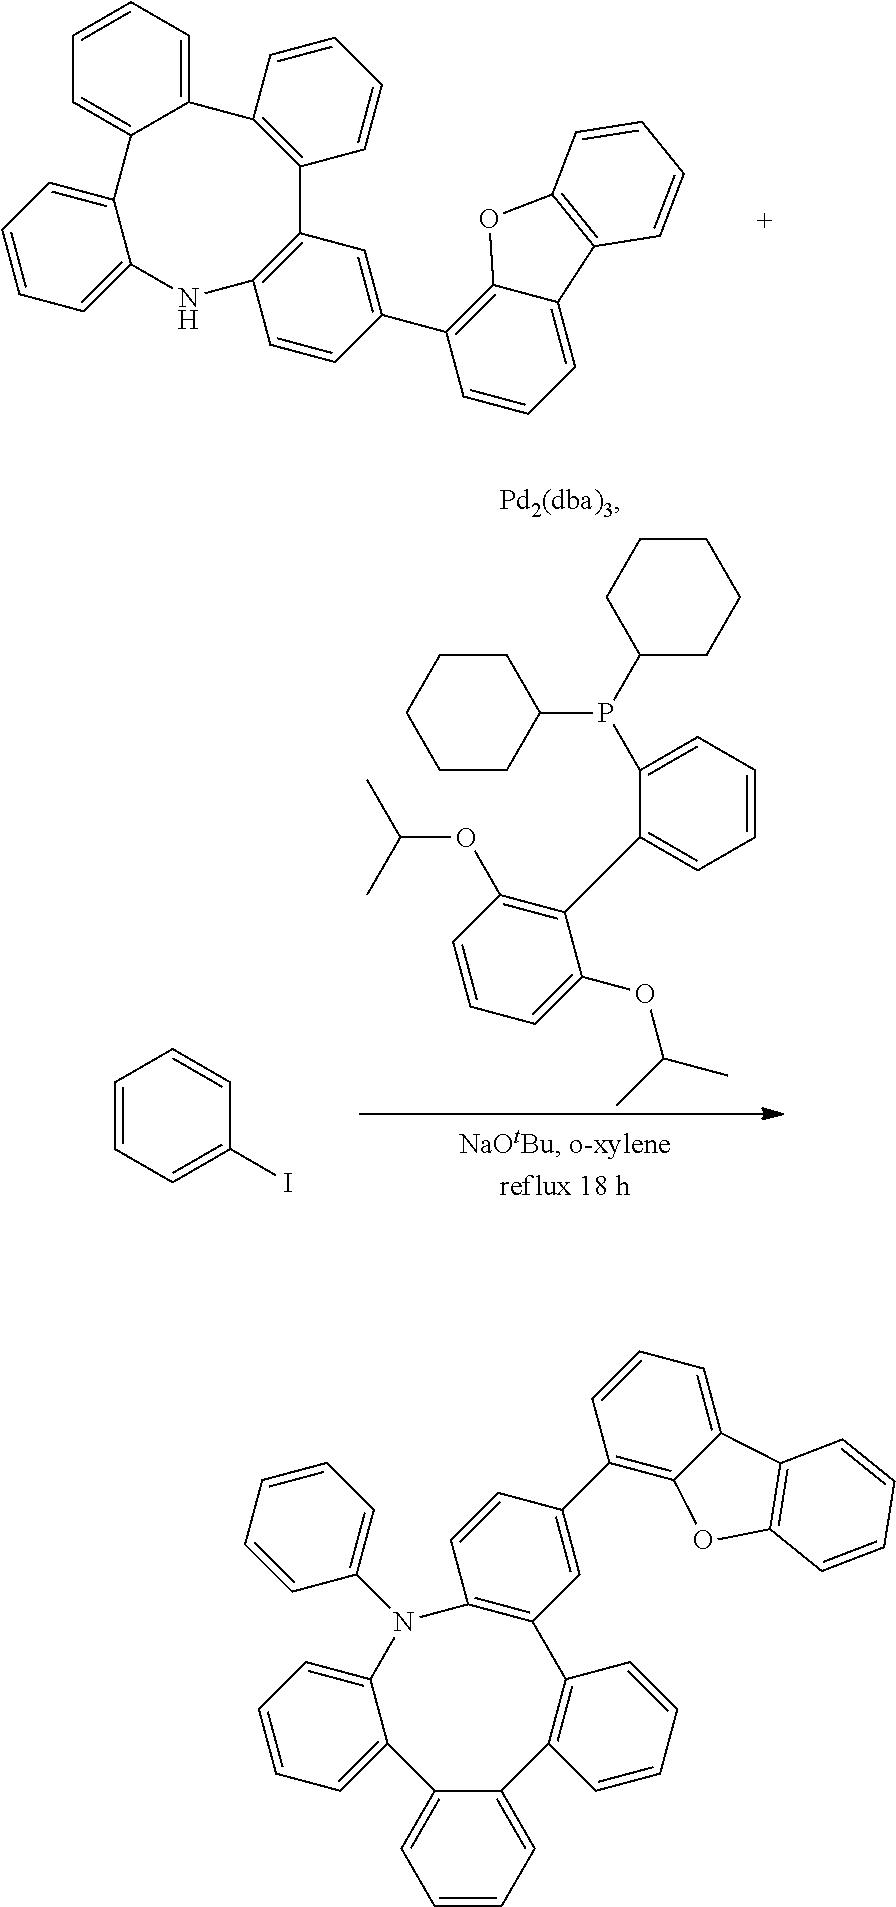 Figure US09978956-20180522-C00116